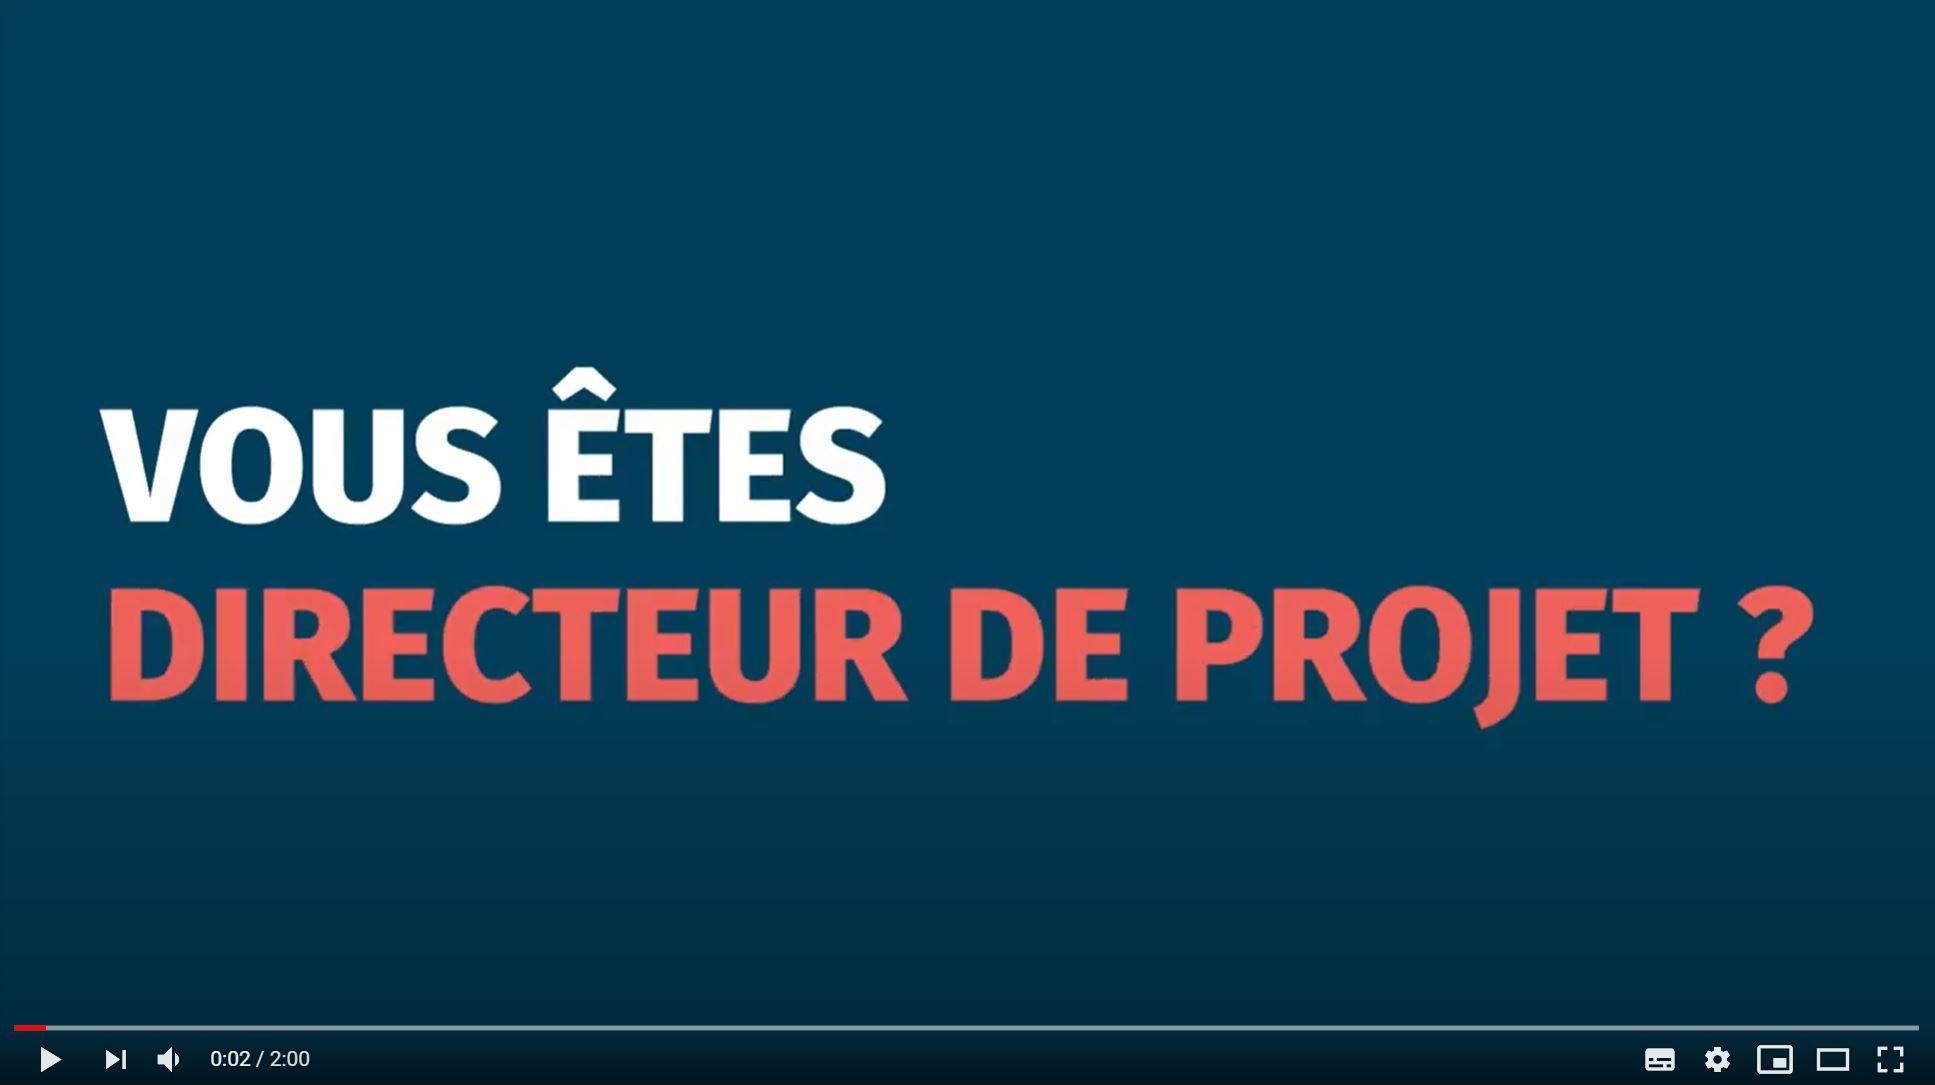 DIRECTEURS DE PROJET, REJOIGNEZ-NOUS